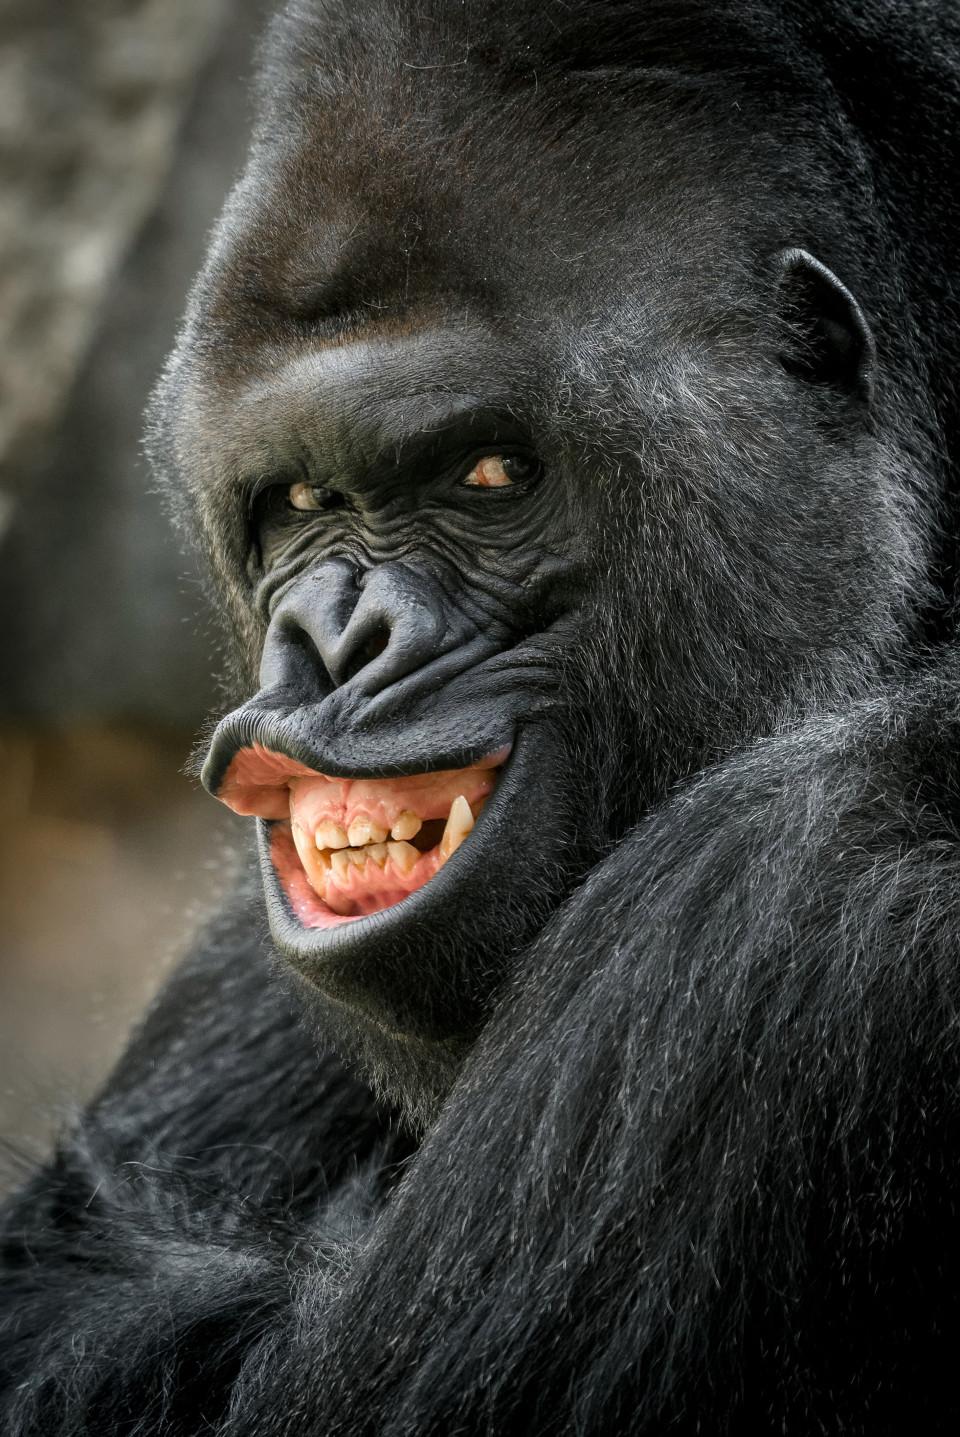 13隻「出生就註定當明星」的賣弄性感動物 牠胖成「獨角獸」嘴唇還是超迷人!